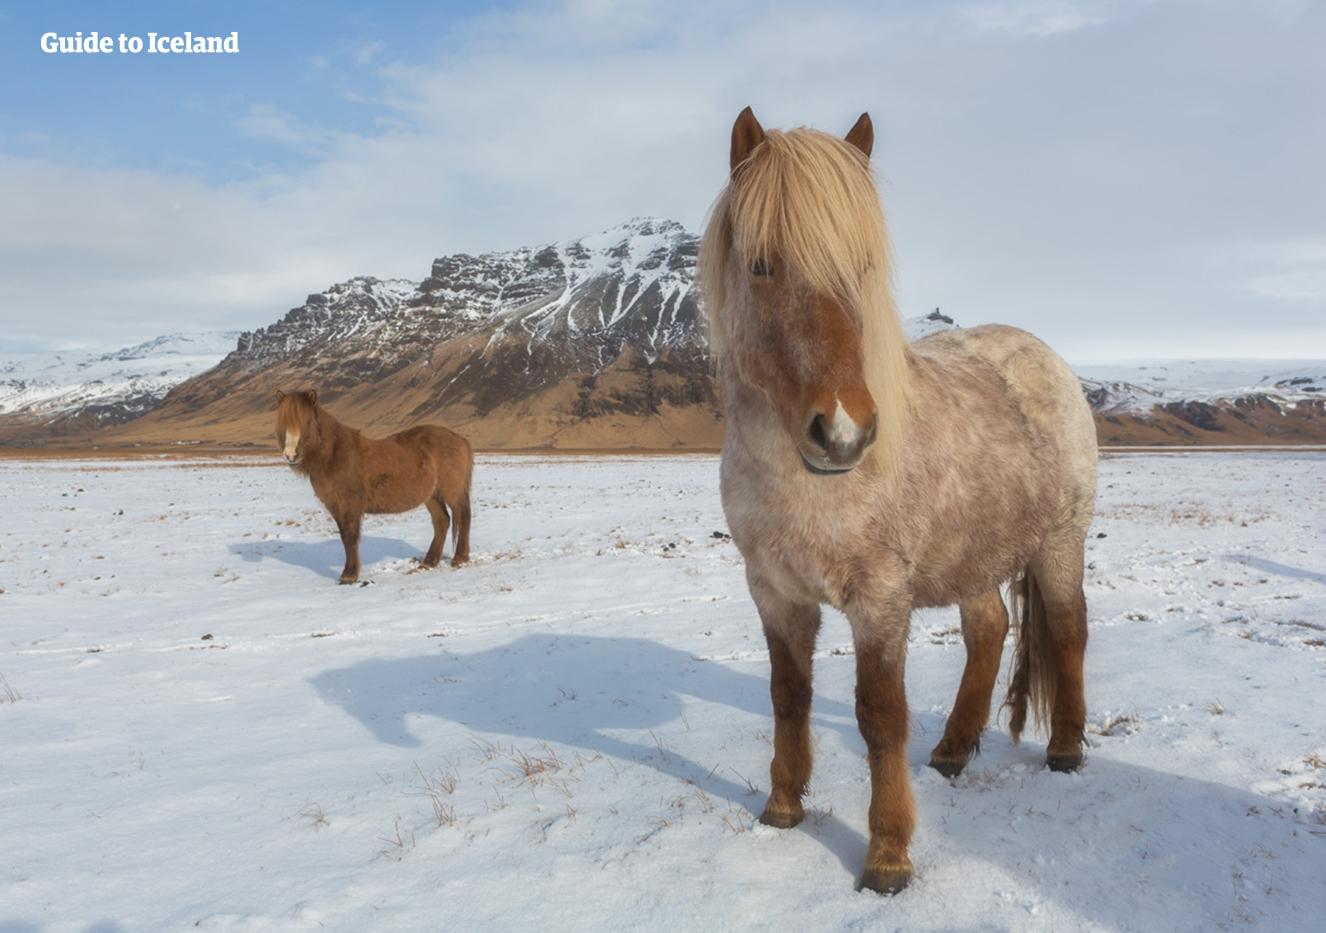 在冬季时冰岛马会换上冬季的绒毛